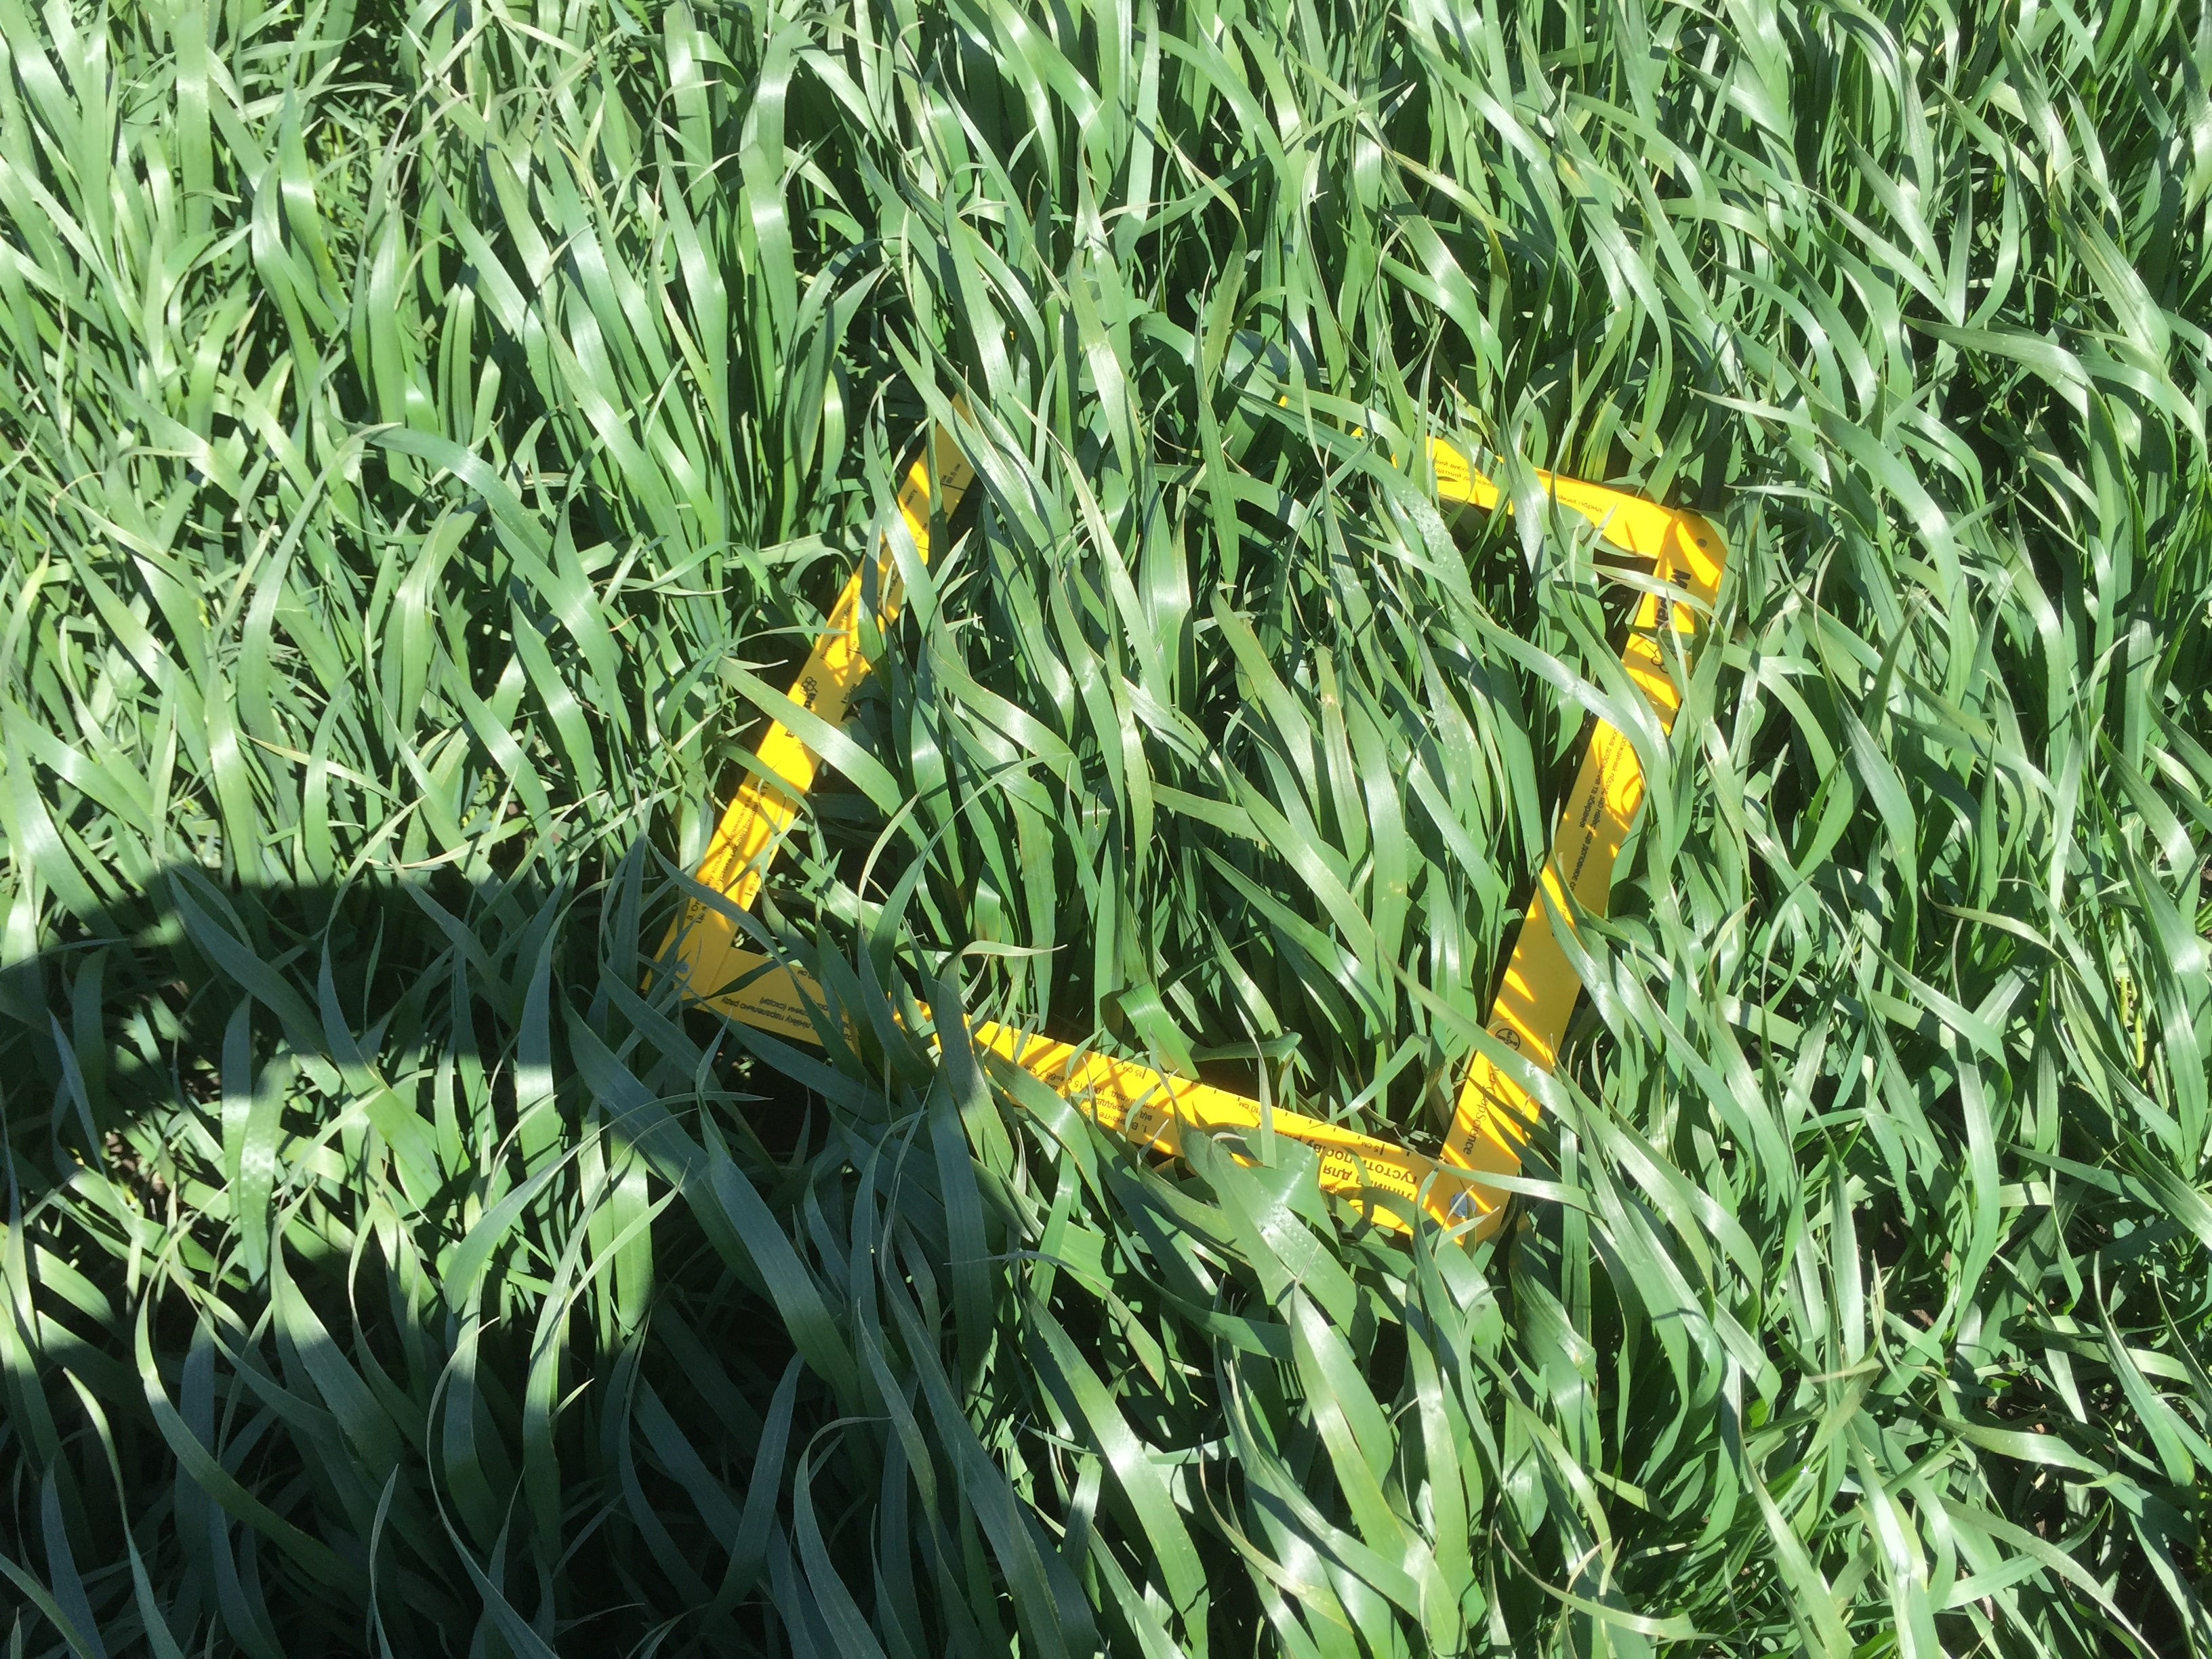 посев озимой пшеницы